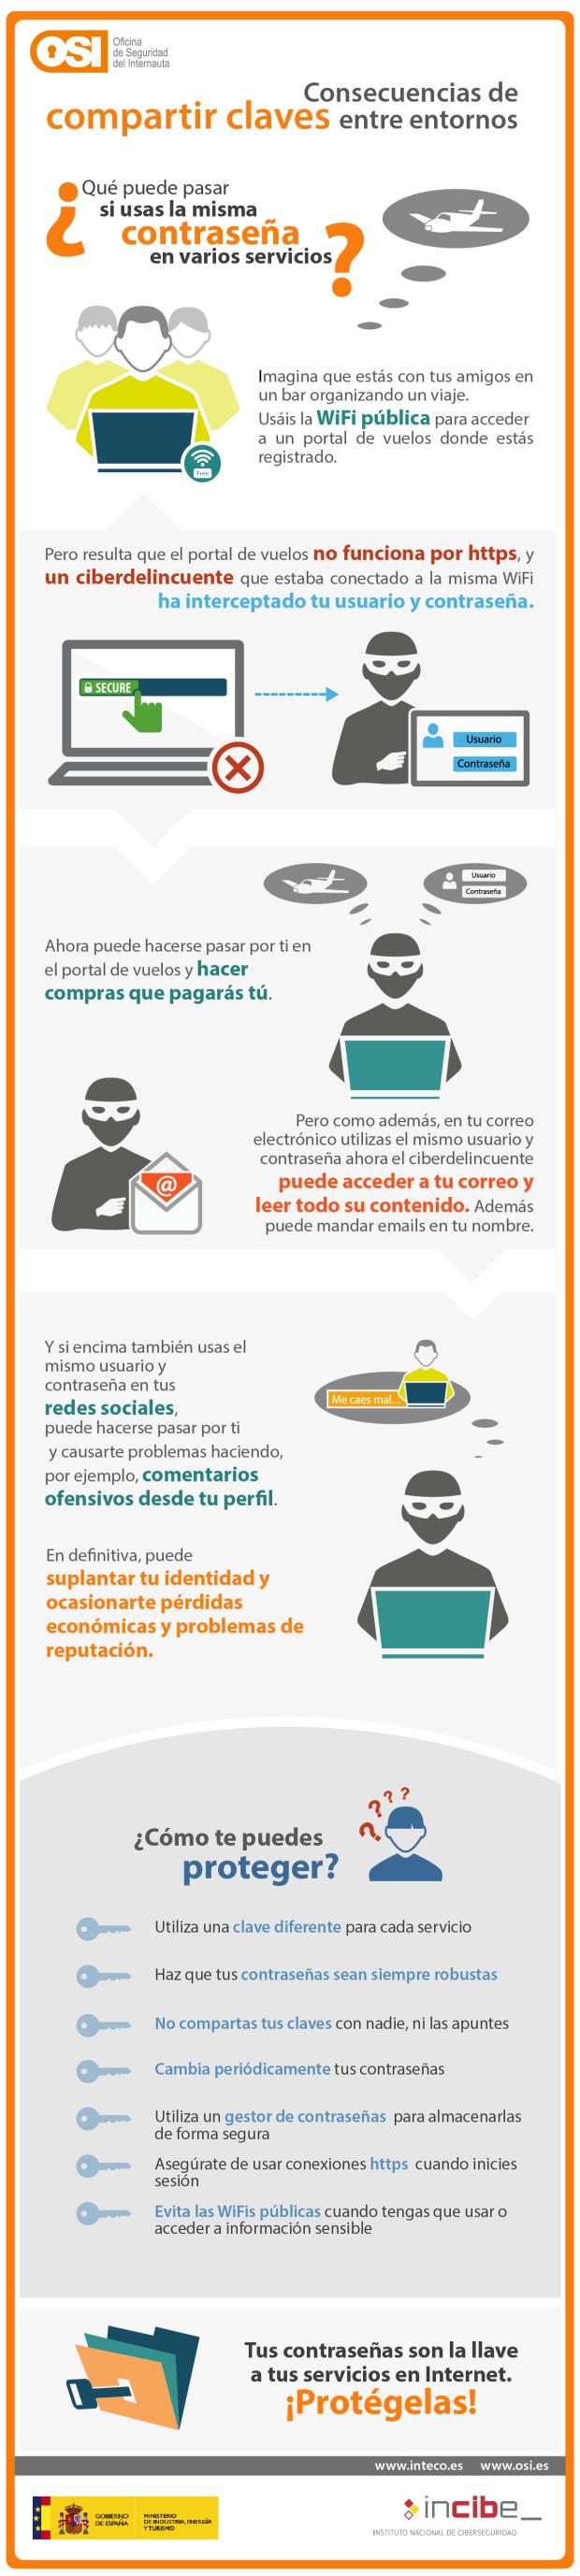 infografia-consecuencias-compartir-claves-diferentes-entornos